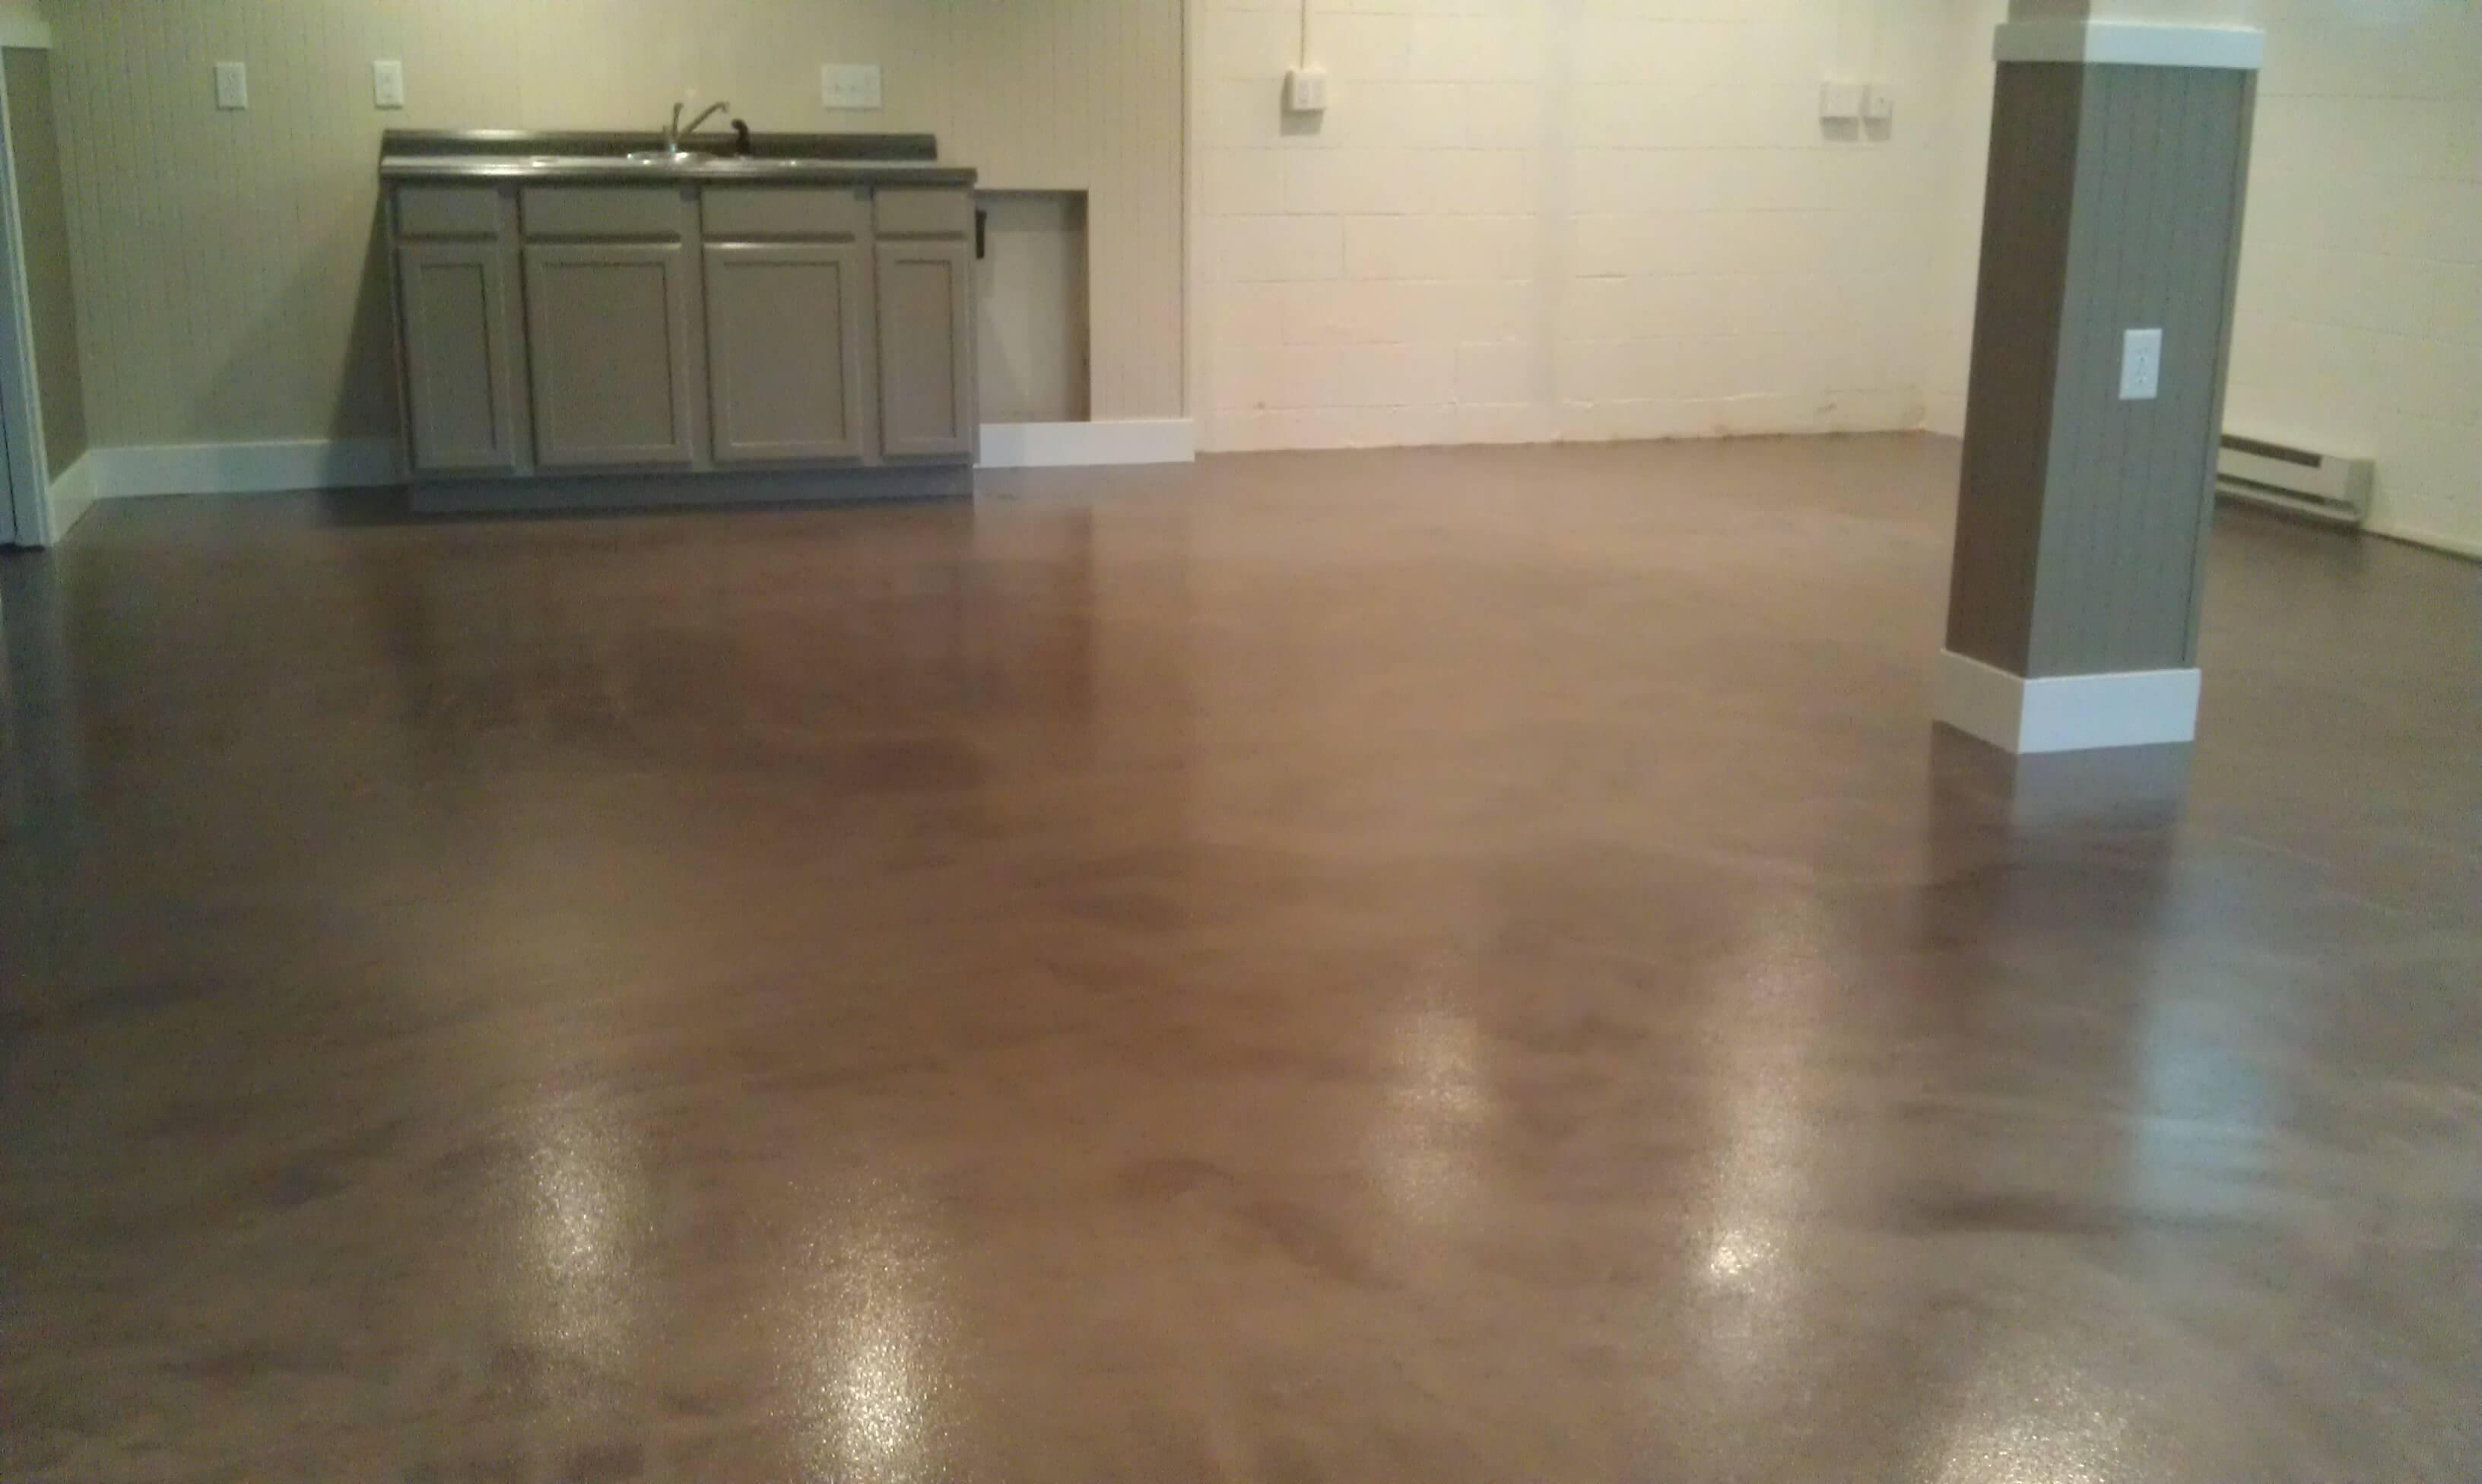 Epoxy Floor Coating For Basement